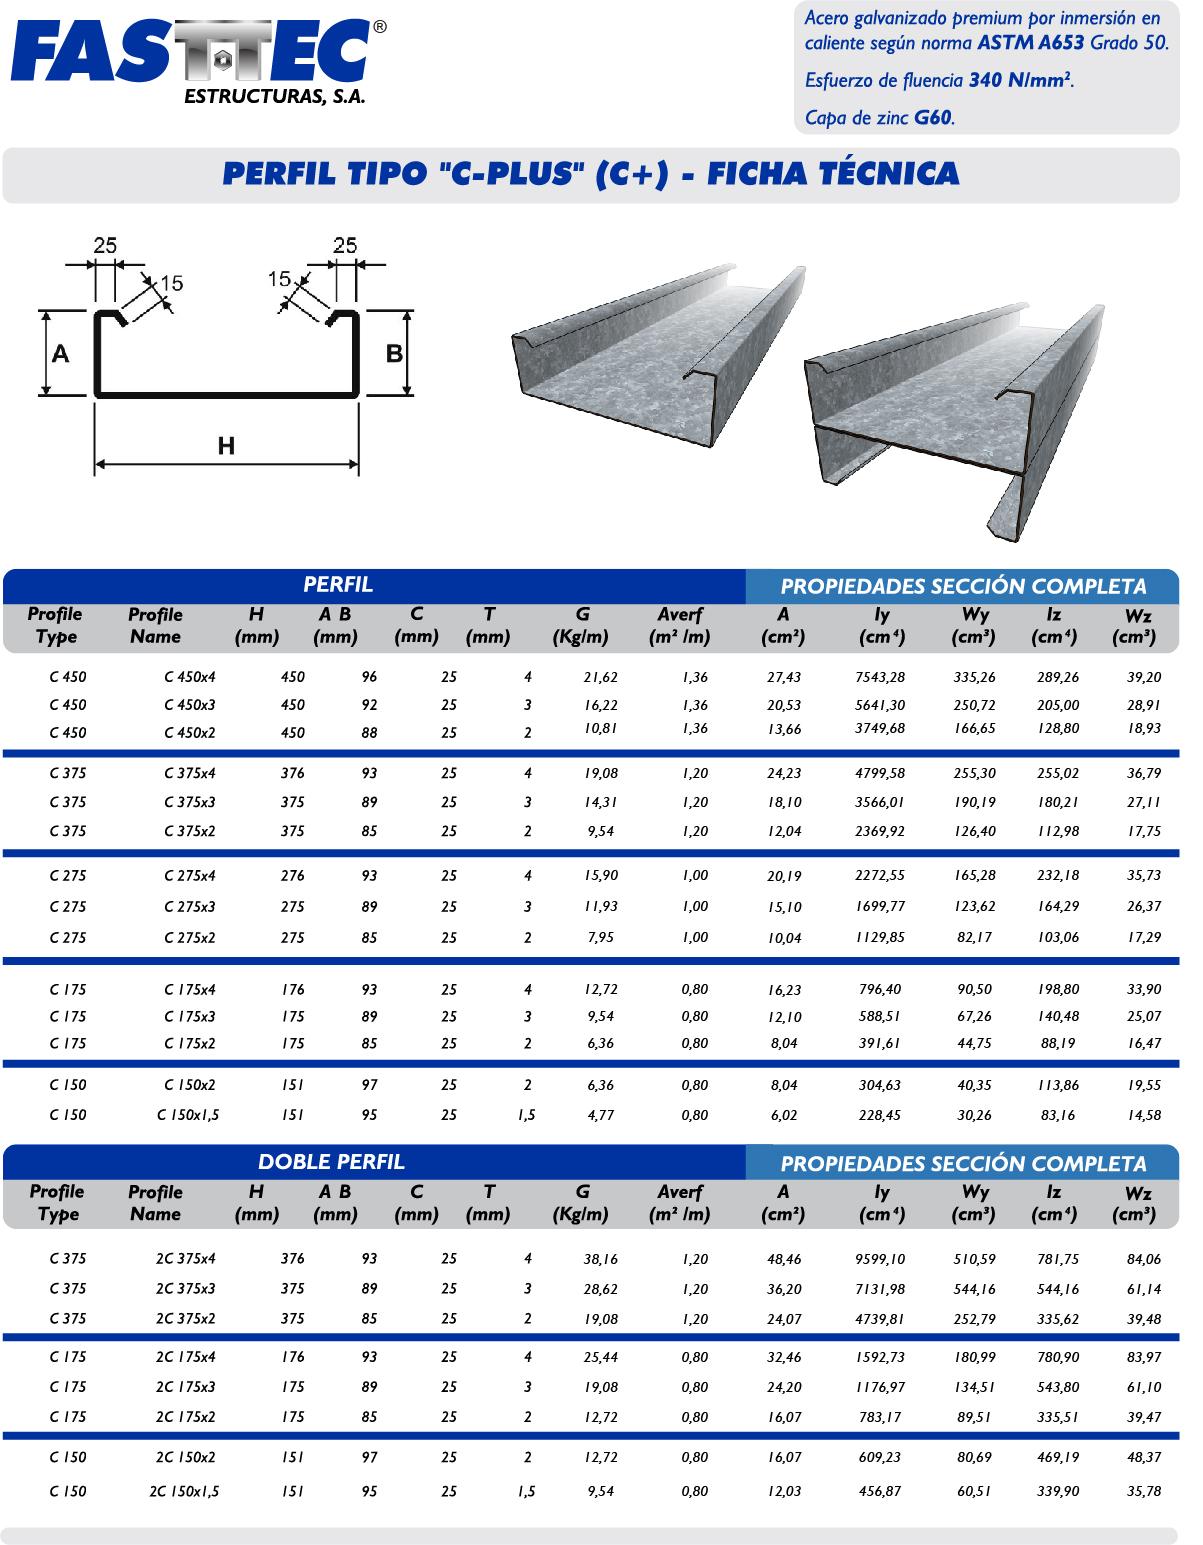 perfil C de acero galvanizado